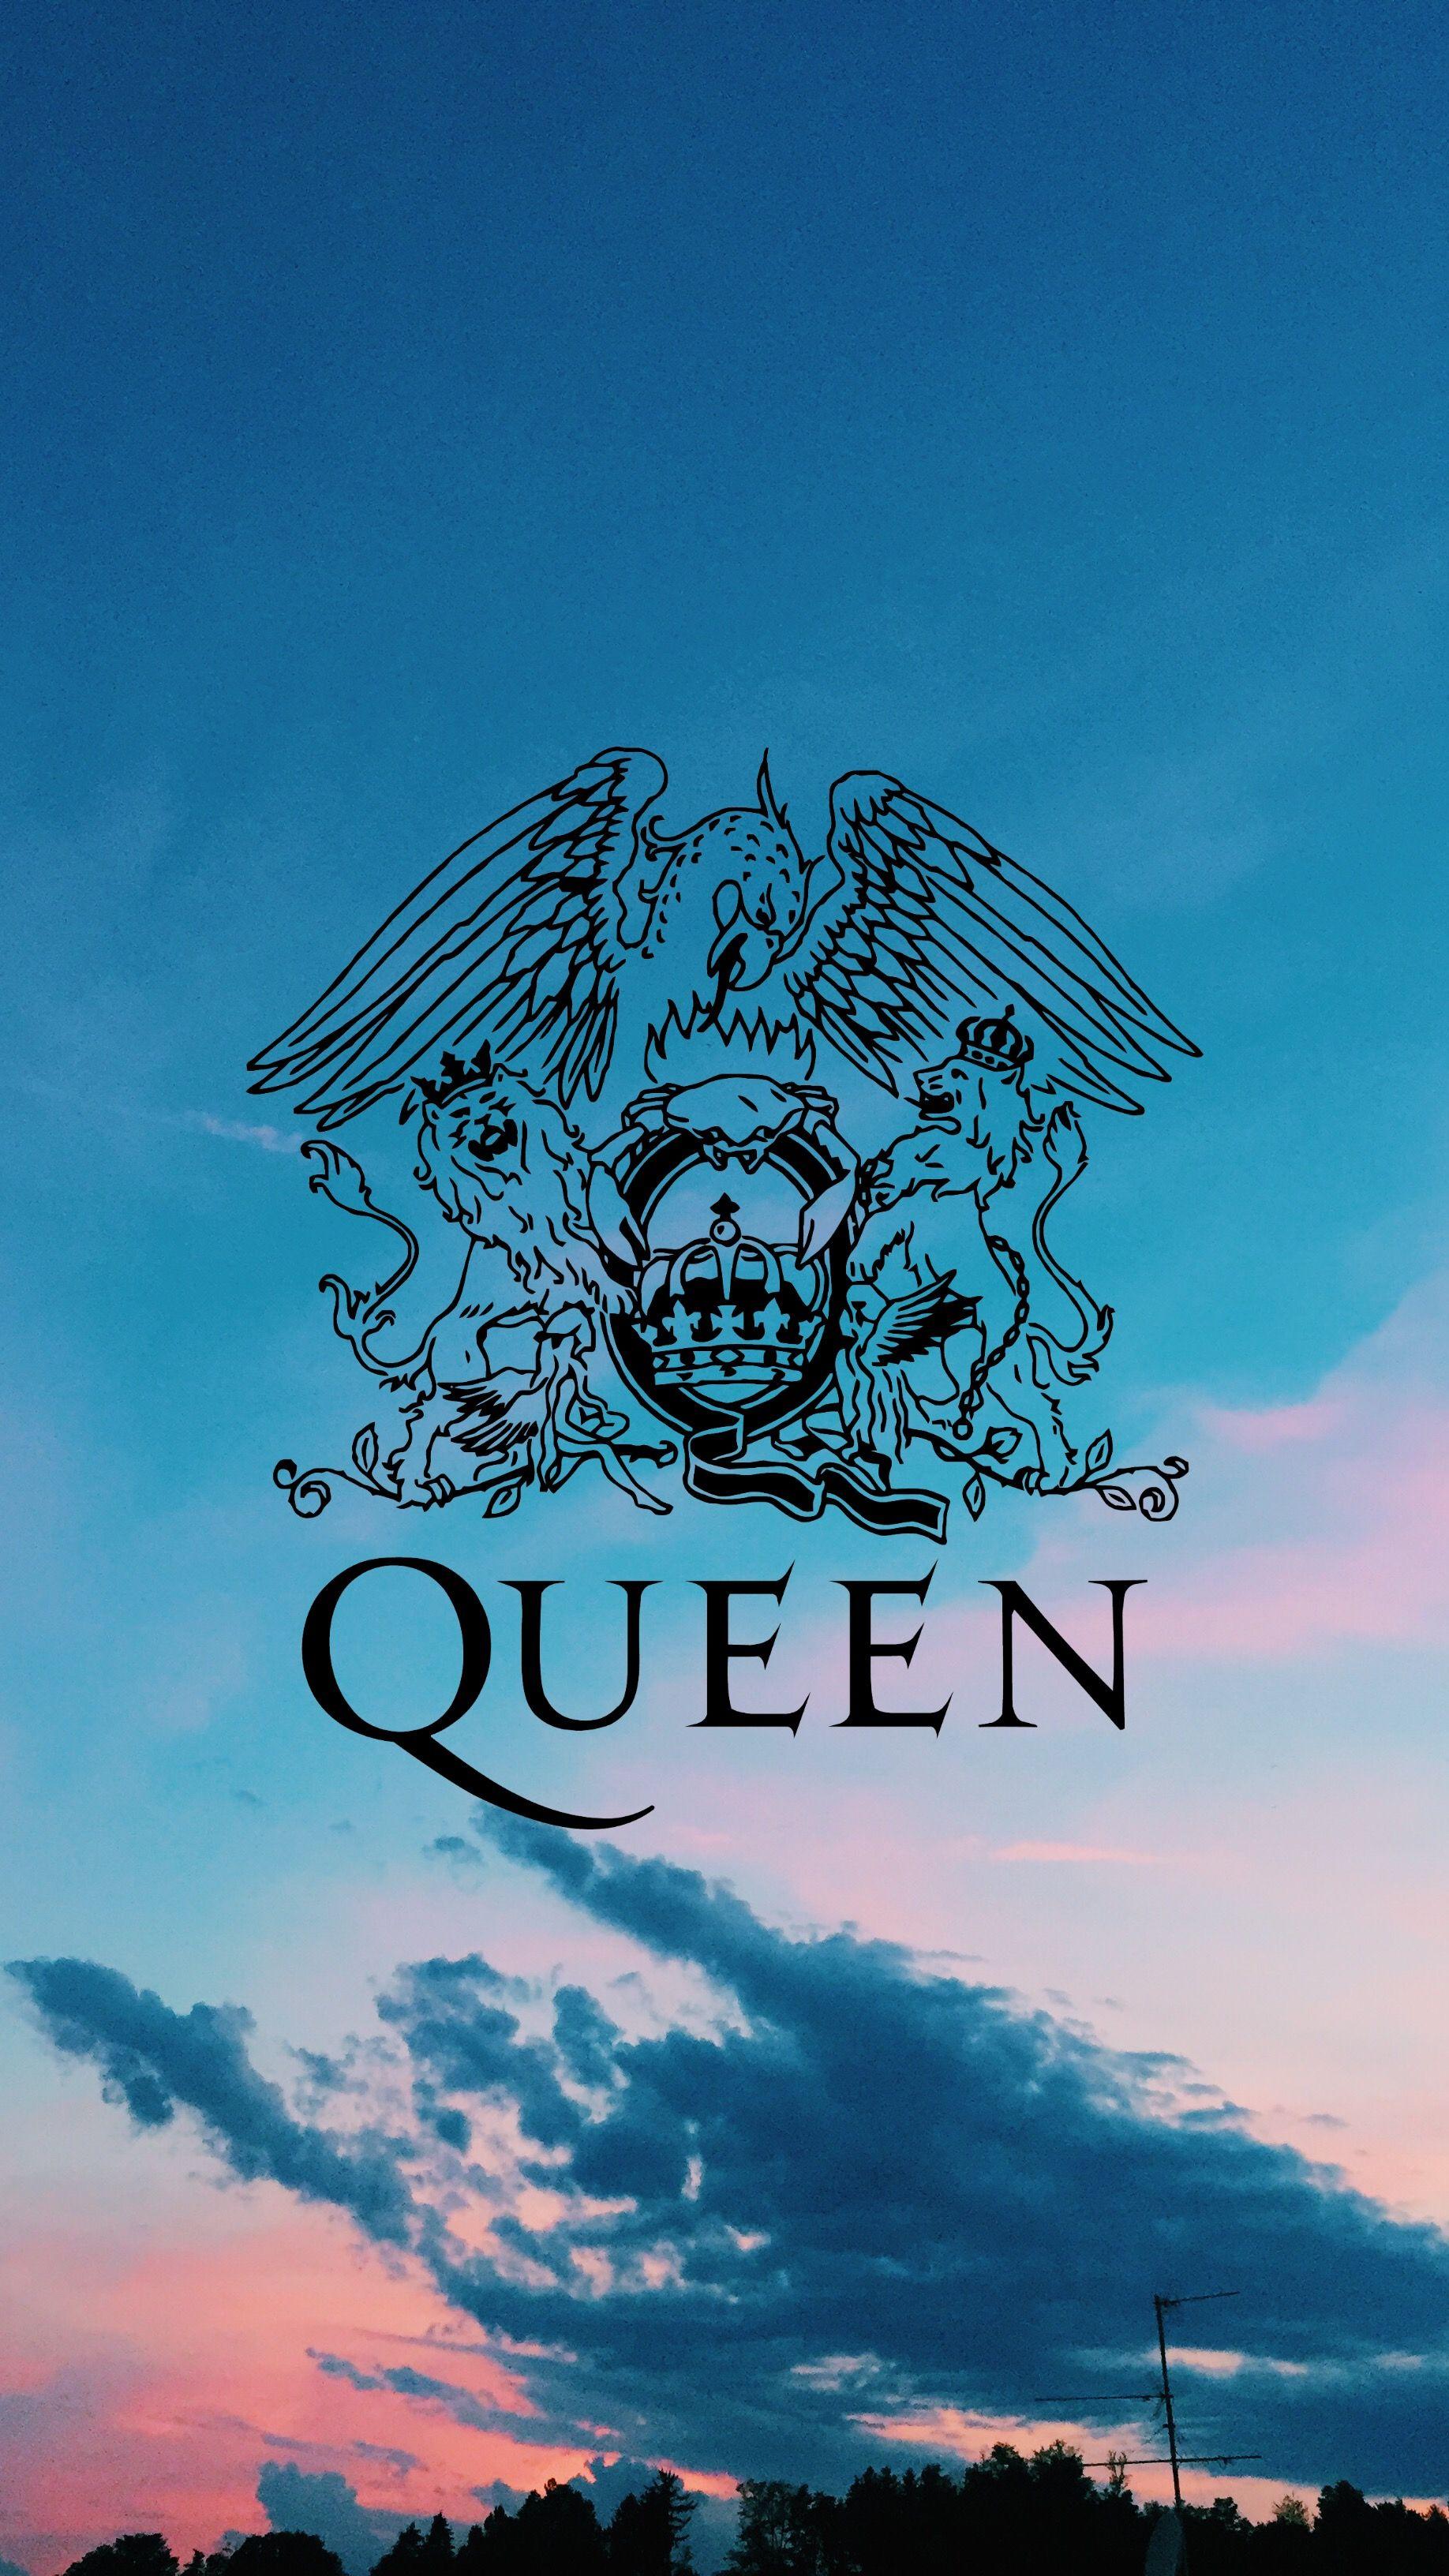 Queen Band 💖 Queen Logo Pôsteres de banda, Papeis de